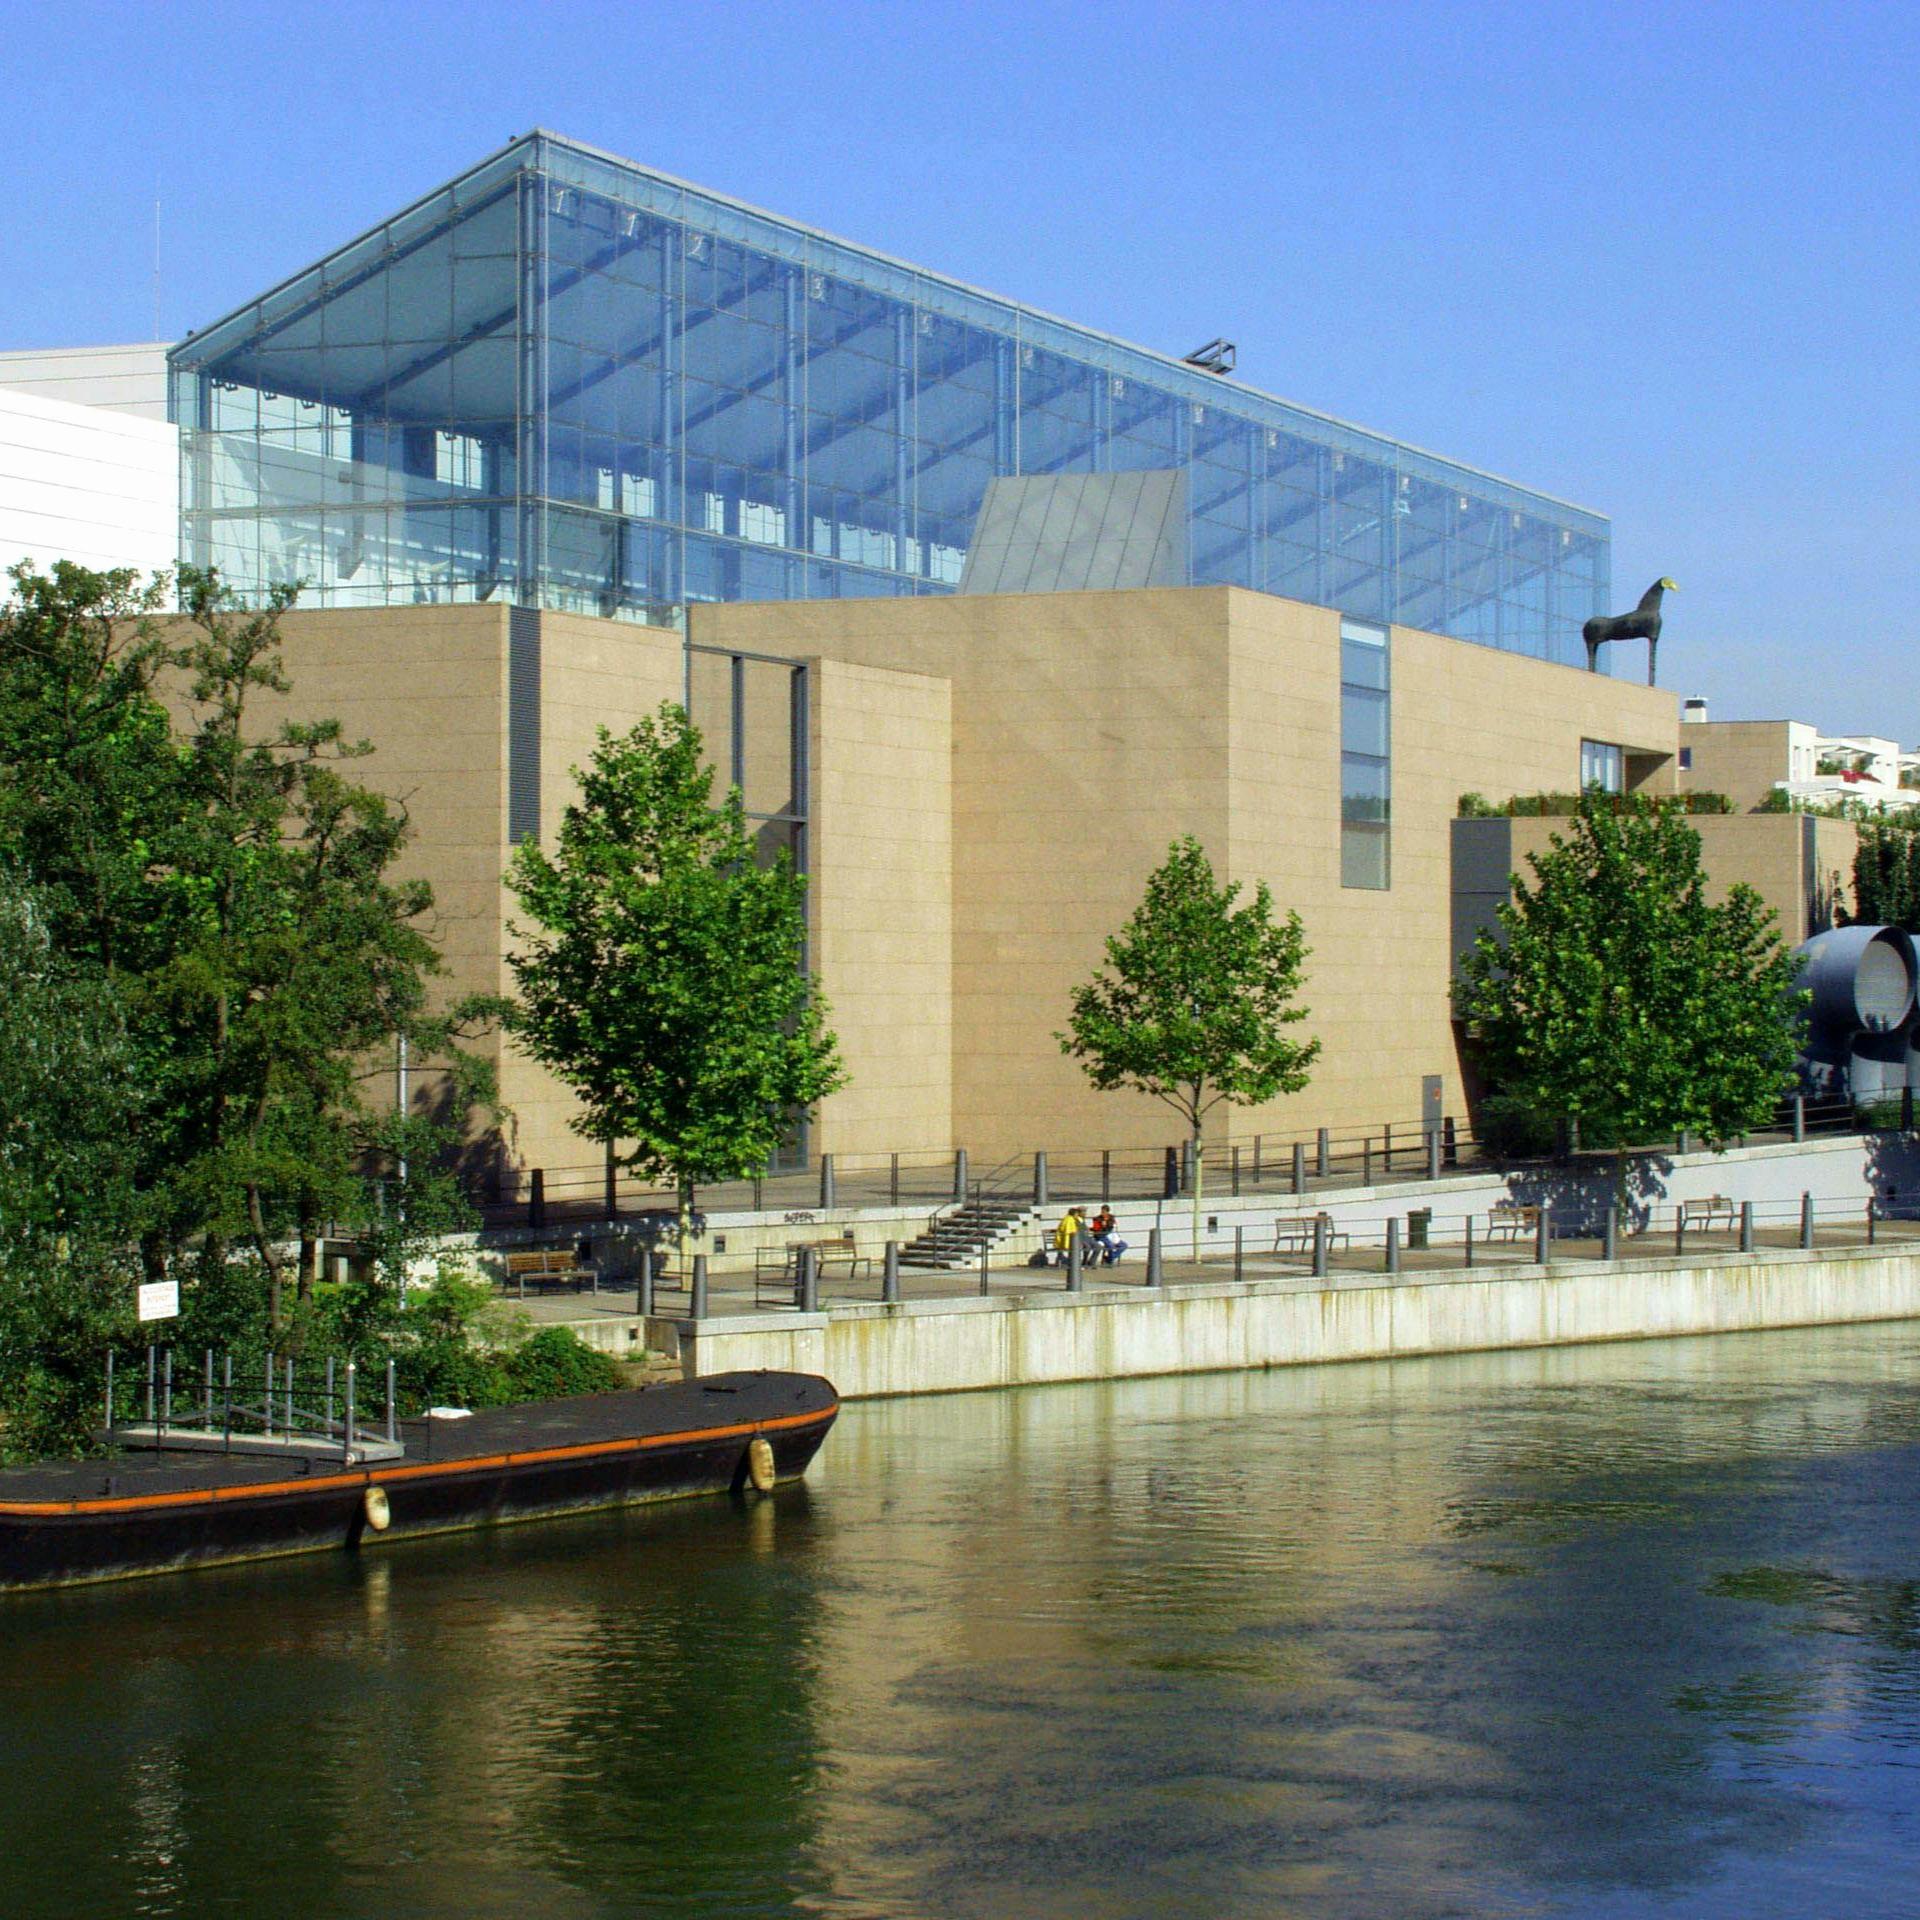 Entrée gratuite au Musée d'Art Moderne et Contemporain de Strasbourg pour les donneurs de sang - Strasbourg (67)